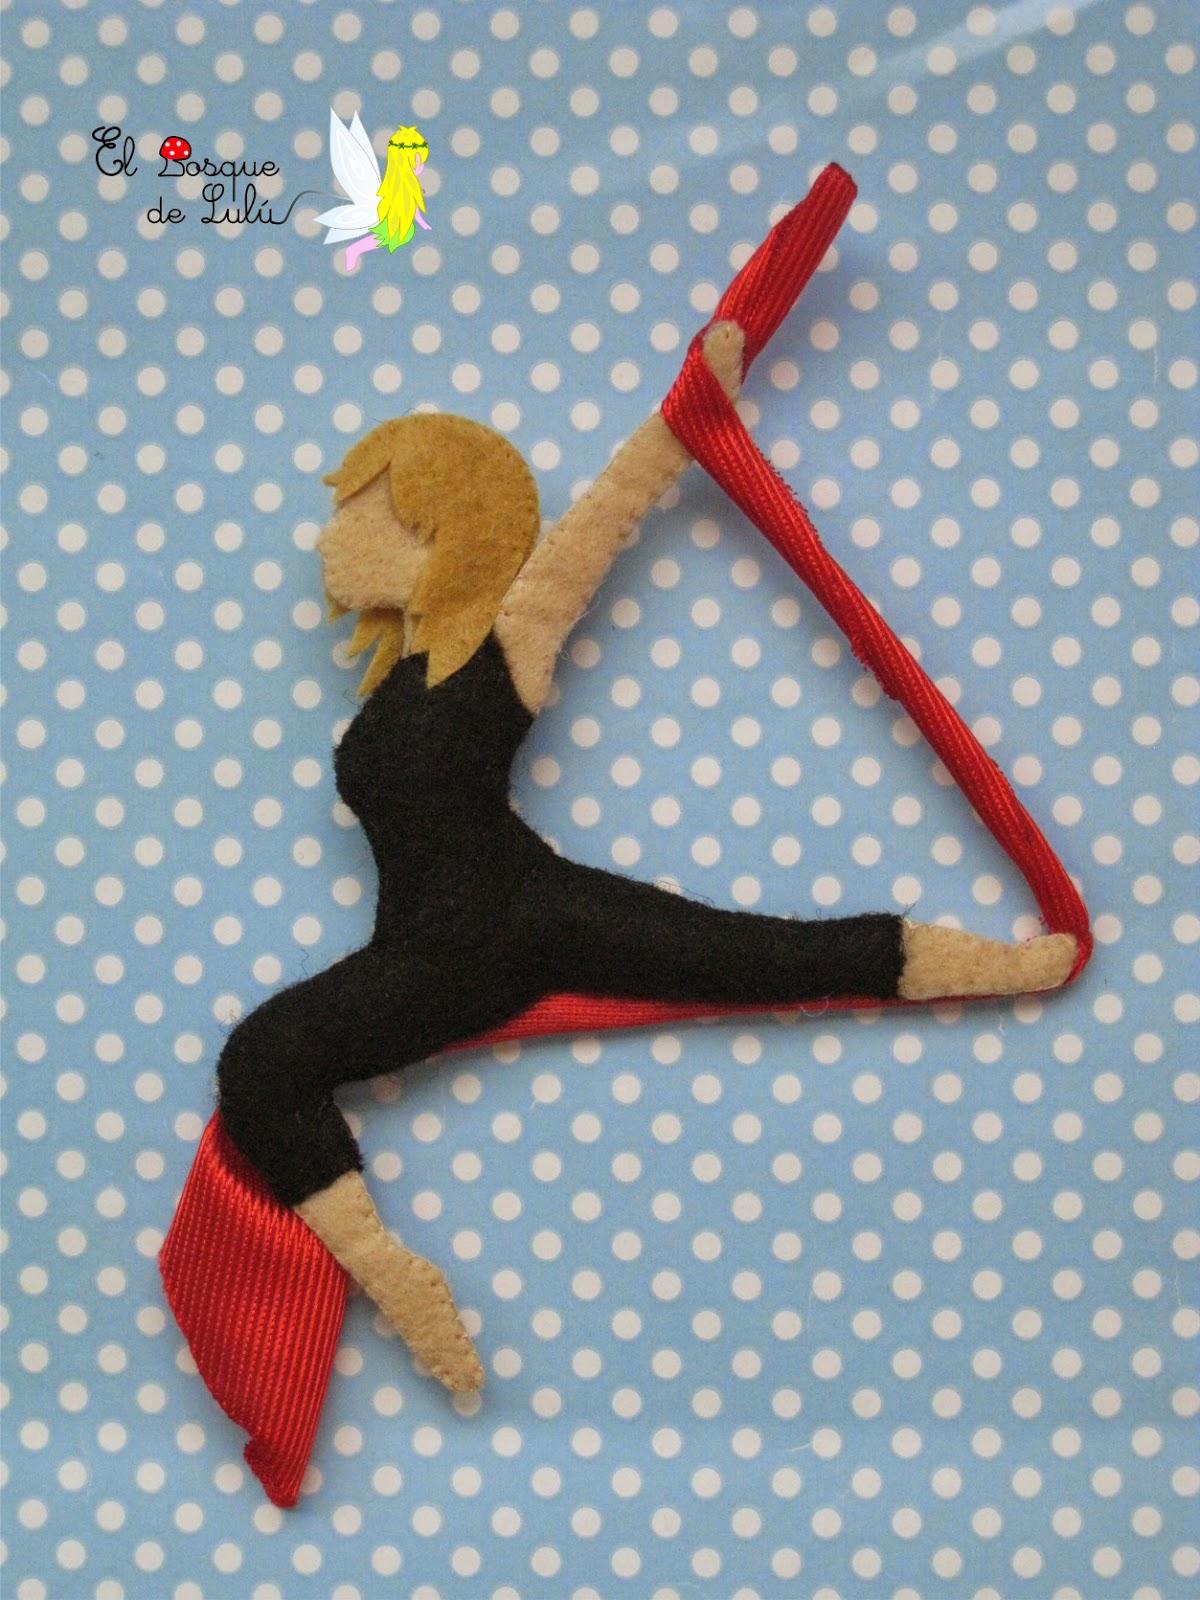 broche-personalizado-acróbata-telas-aereas-profesora-circo-del-sol